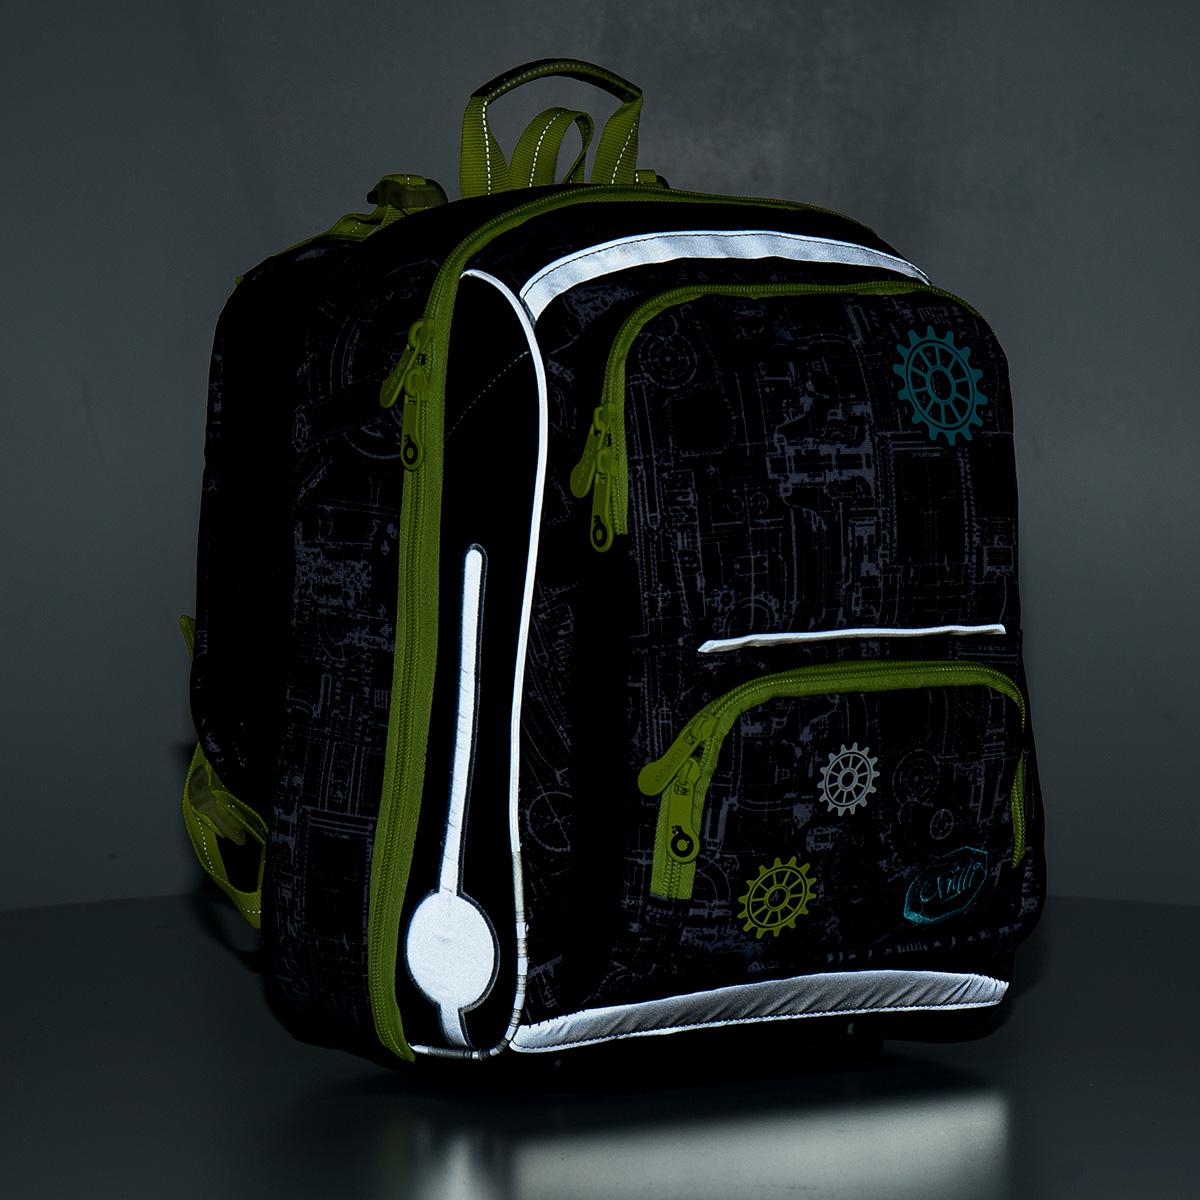 Školní aktovka Topgal CHI 785 E - Green